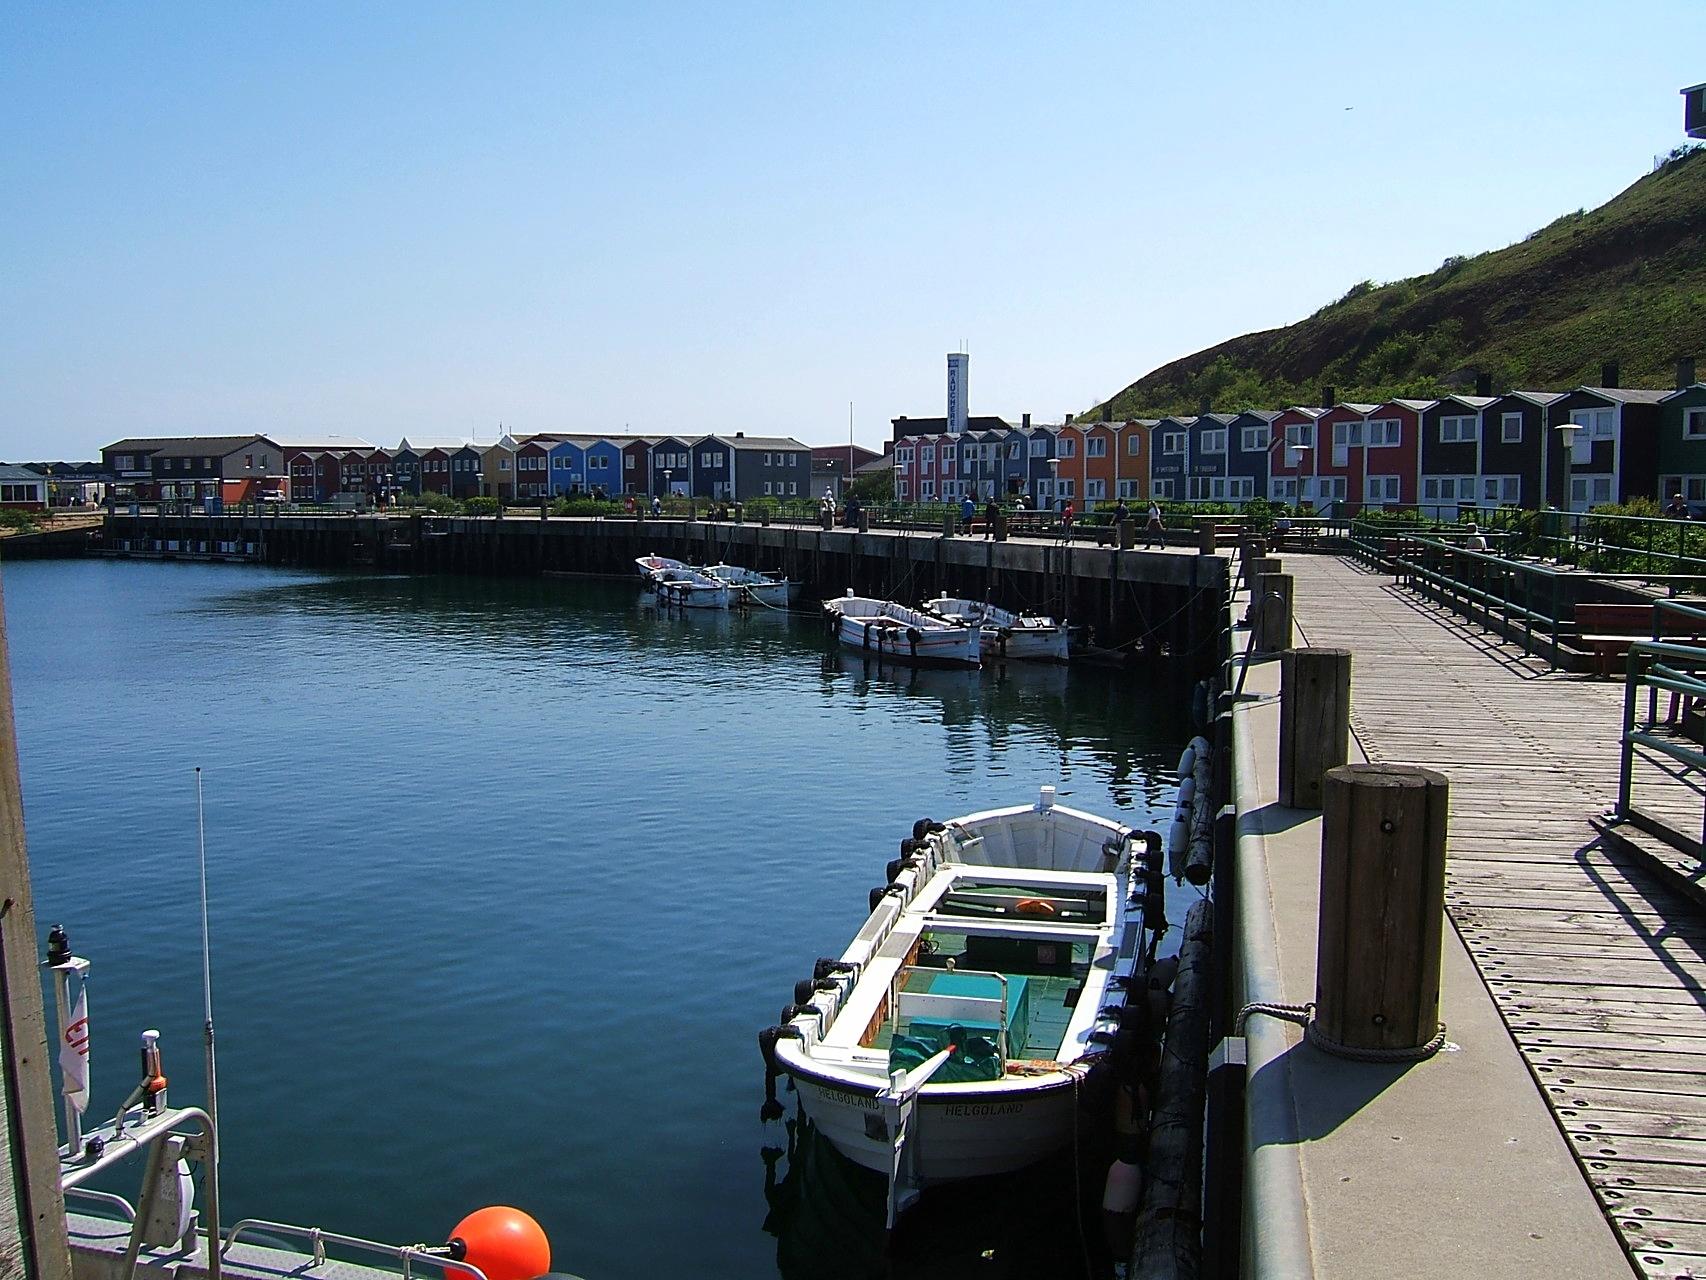 Börteboot im Hafen von der Hochseeinsel Helgoland